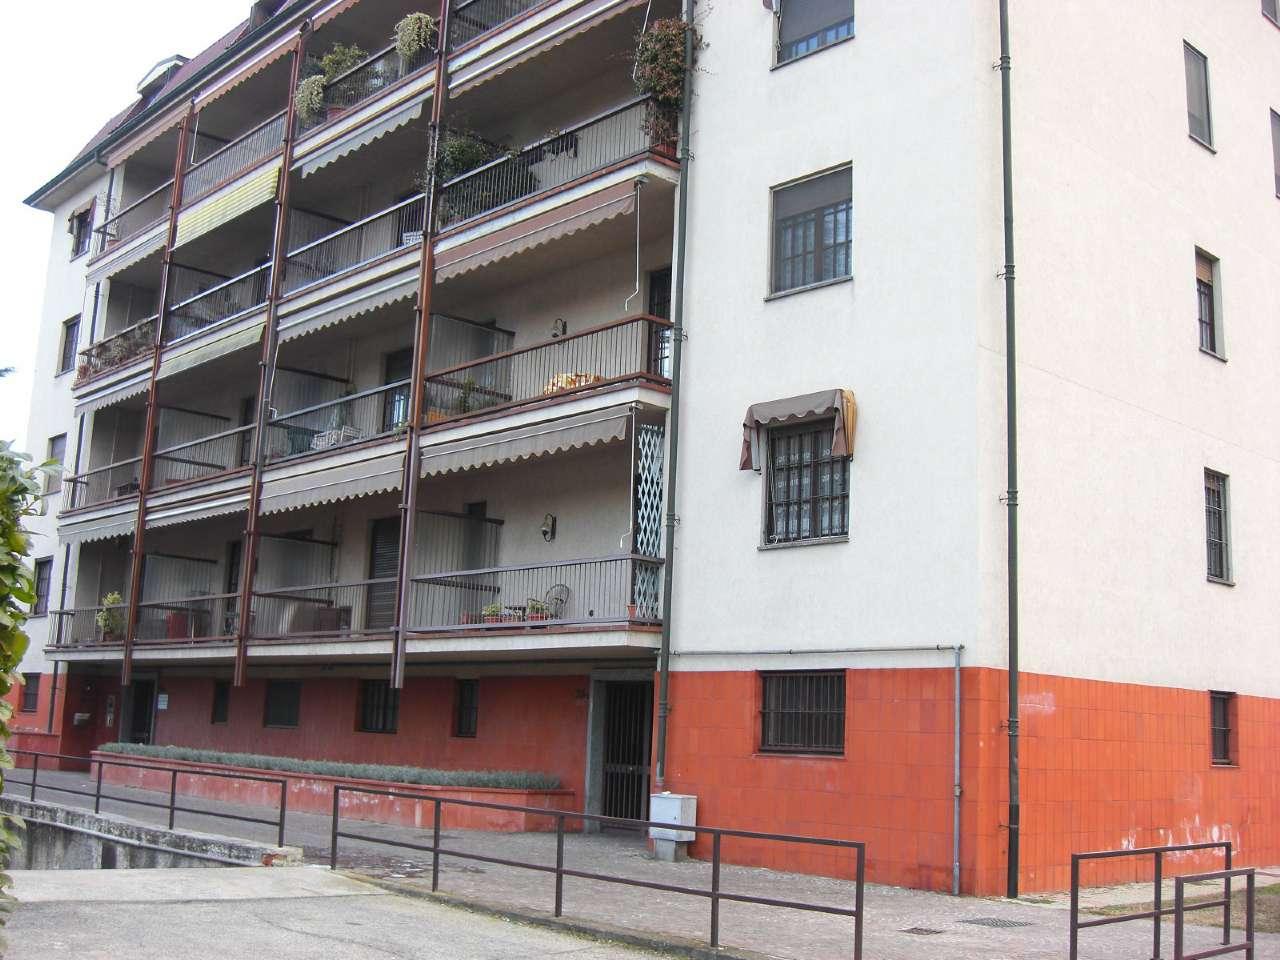 Ufficio / Studio in affitto a Carmagnola, 2 locali, prezzo € 480 | Cambio Casa.it